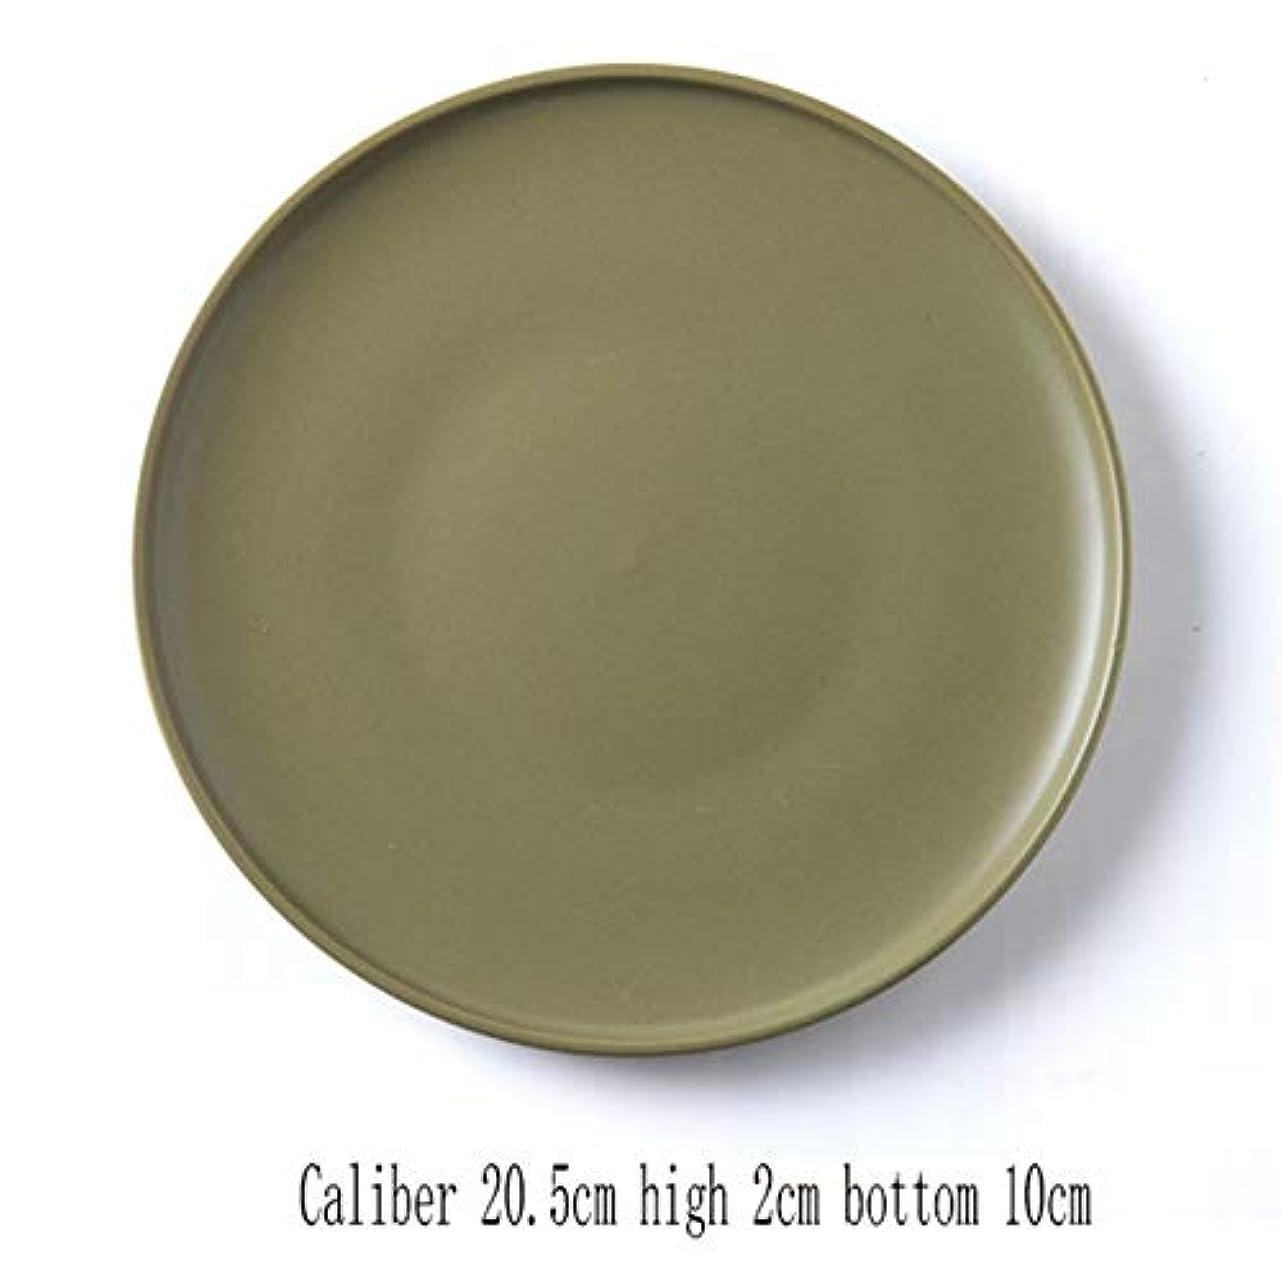 コンピューターナプキン罪朝食プレート、8インチ丸肉プレートホームセラミックサラダフルーツプレート(ホワイト、ブラック、ウォームグレー、グレー、グリーン) (色 : グレイ ぐれい, サイズ さいず : 20.5x10x2cm)